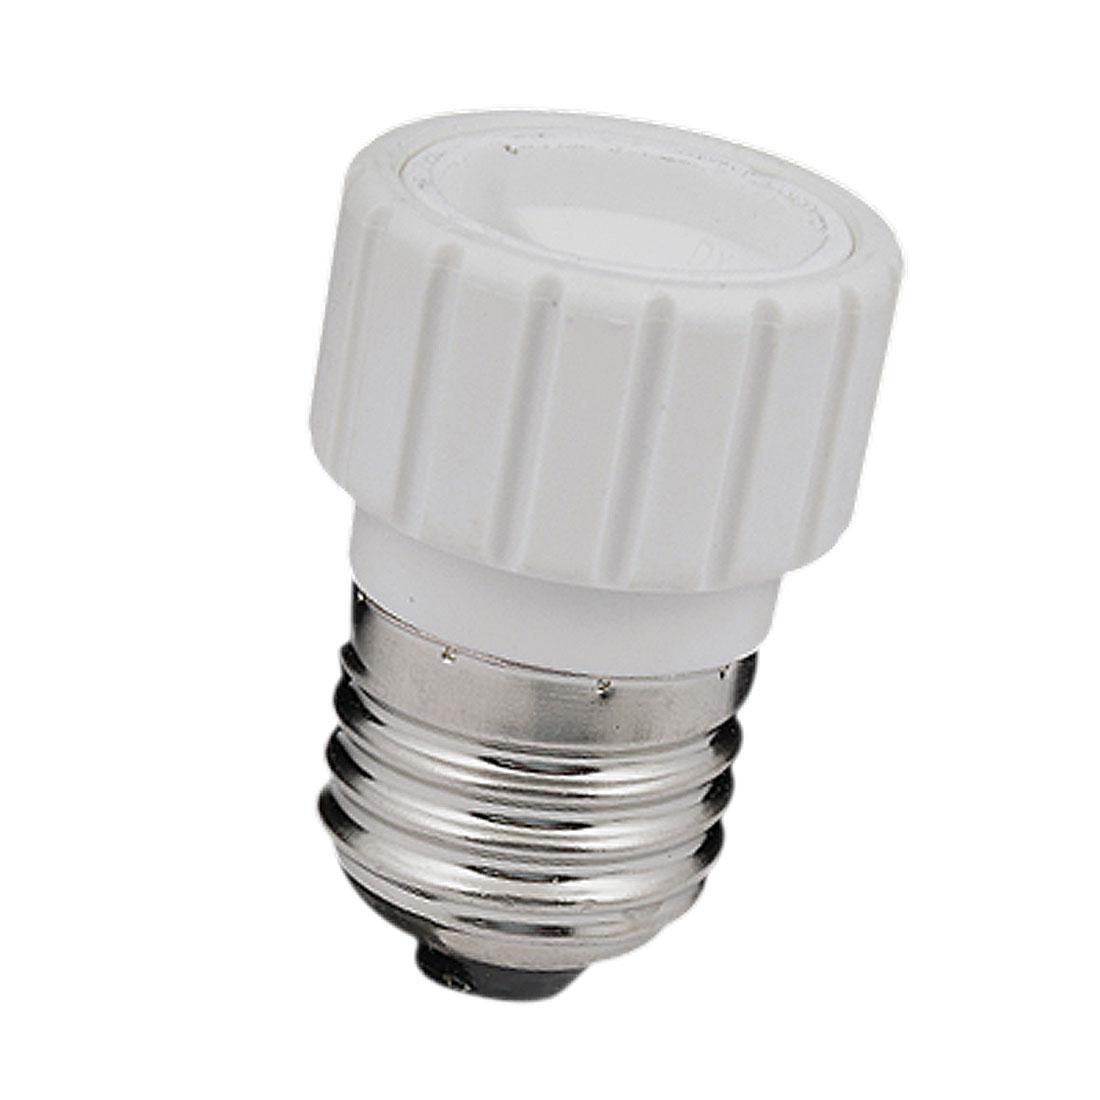 GU10 to E27 Base LED Light Lamp Holder Bulbs Socket Adapter Converter